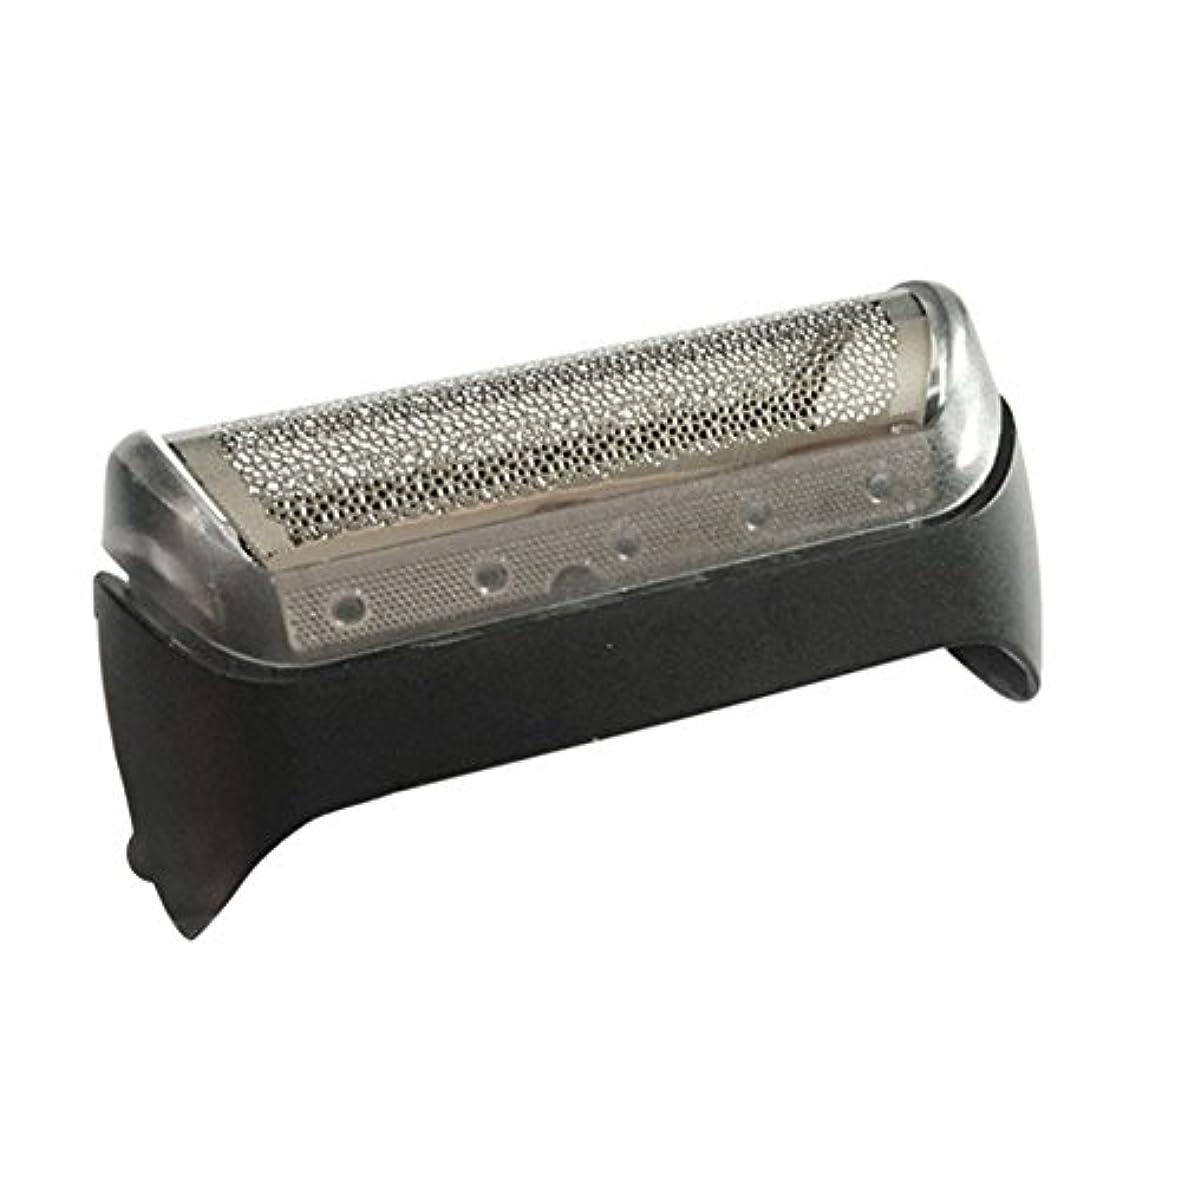 現象水を飲むスーダンXinvision 置換 男性用 シェーバー剃刀箔 10B 20B for Braun 170 180 190 190S 1775 1735 2675